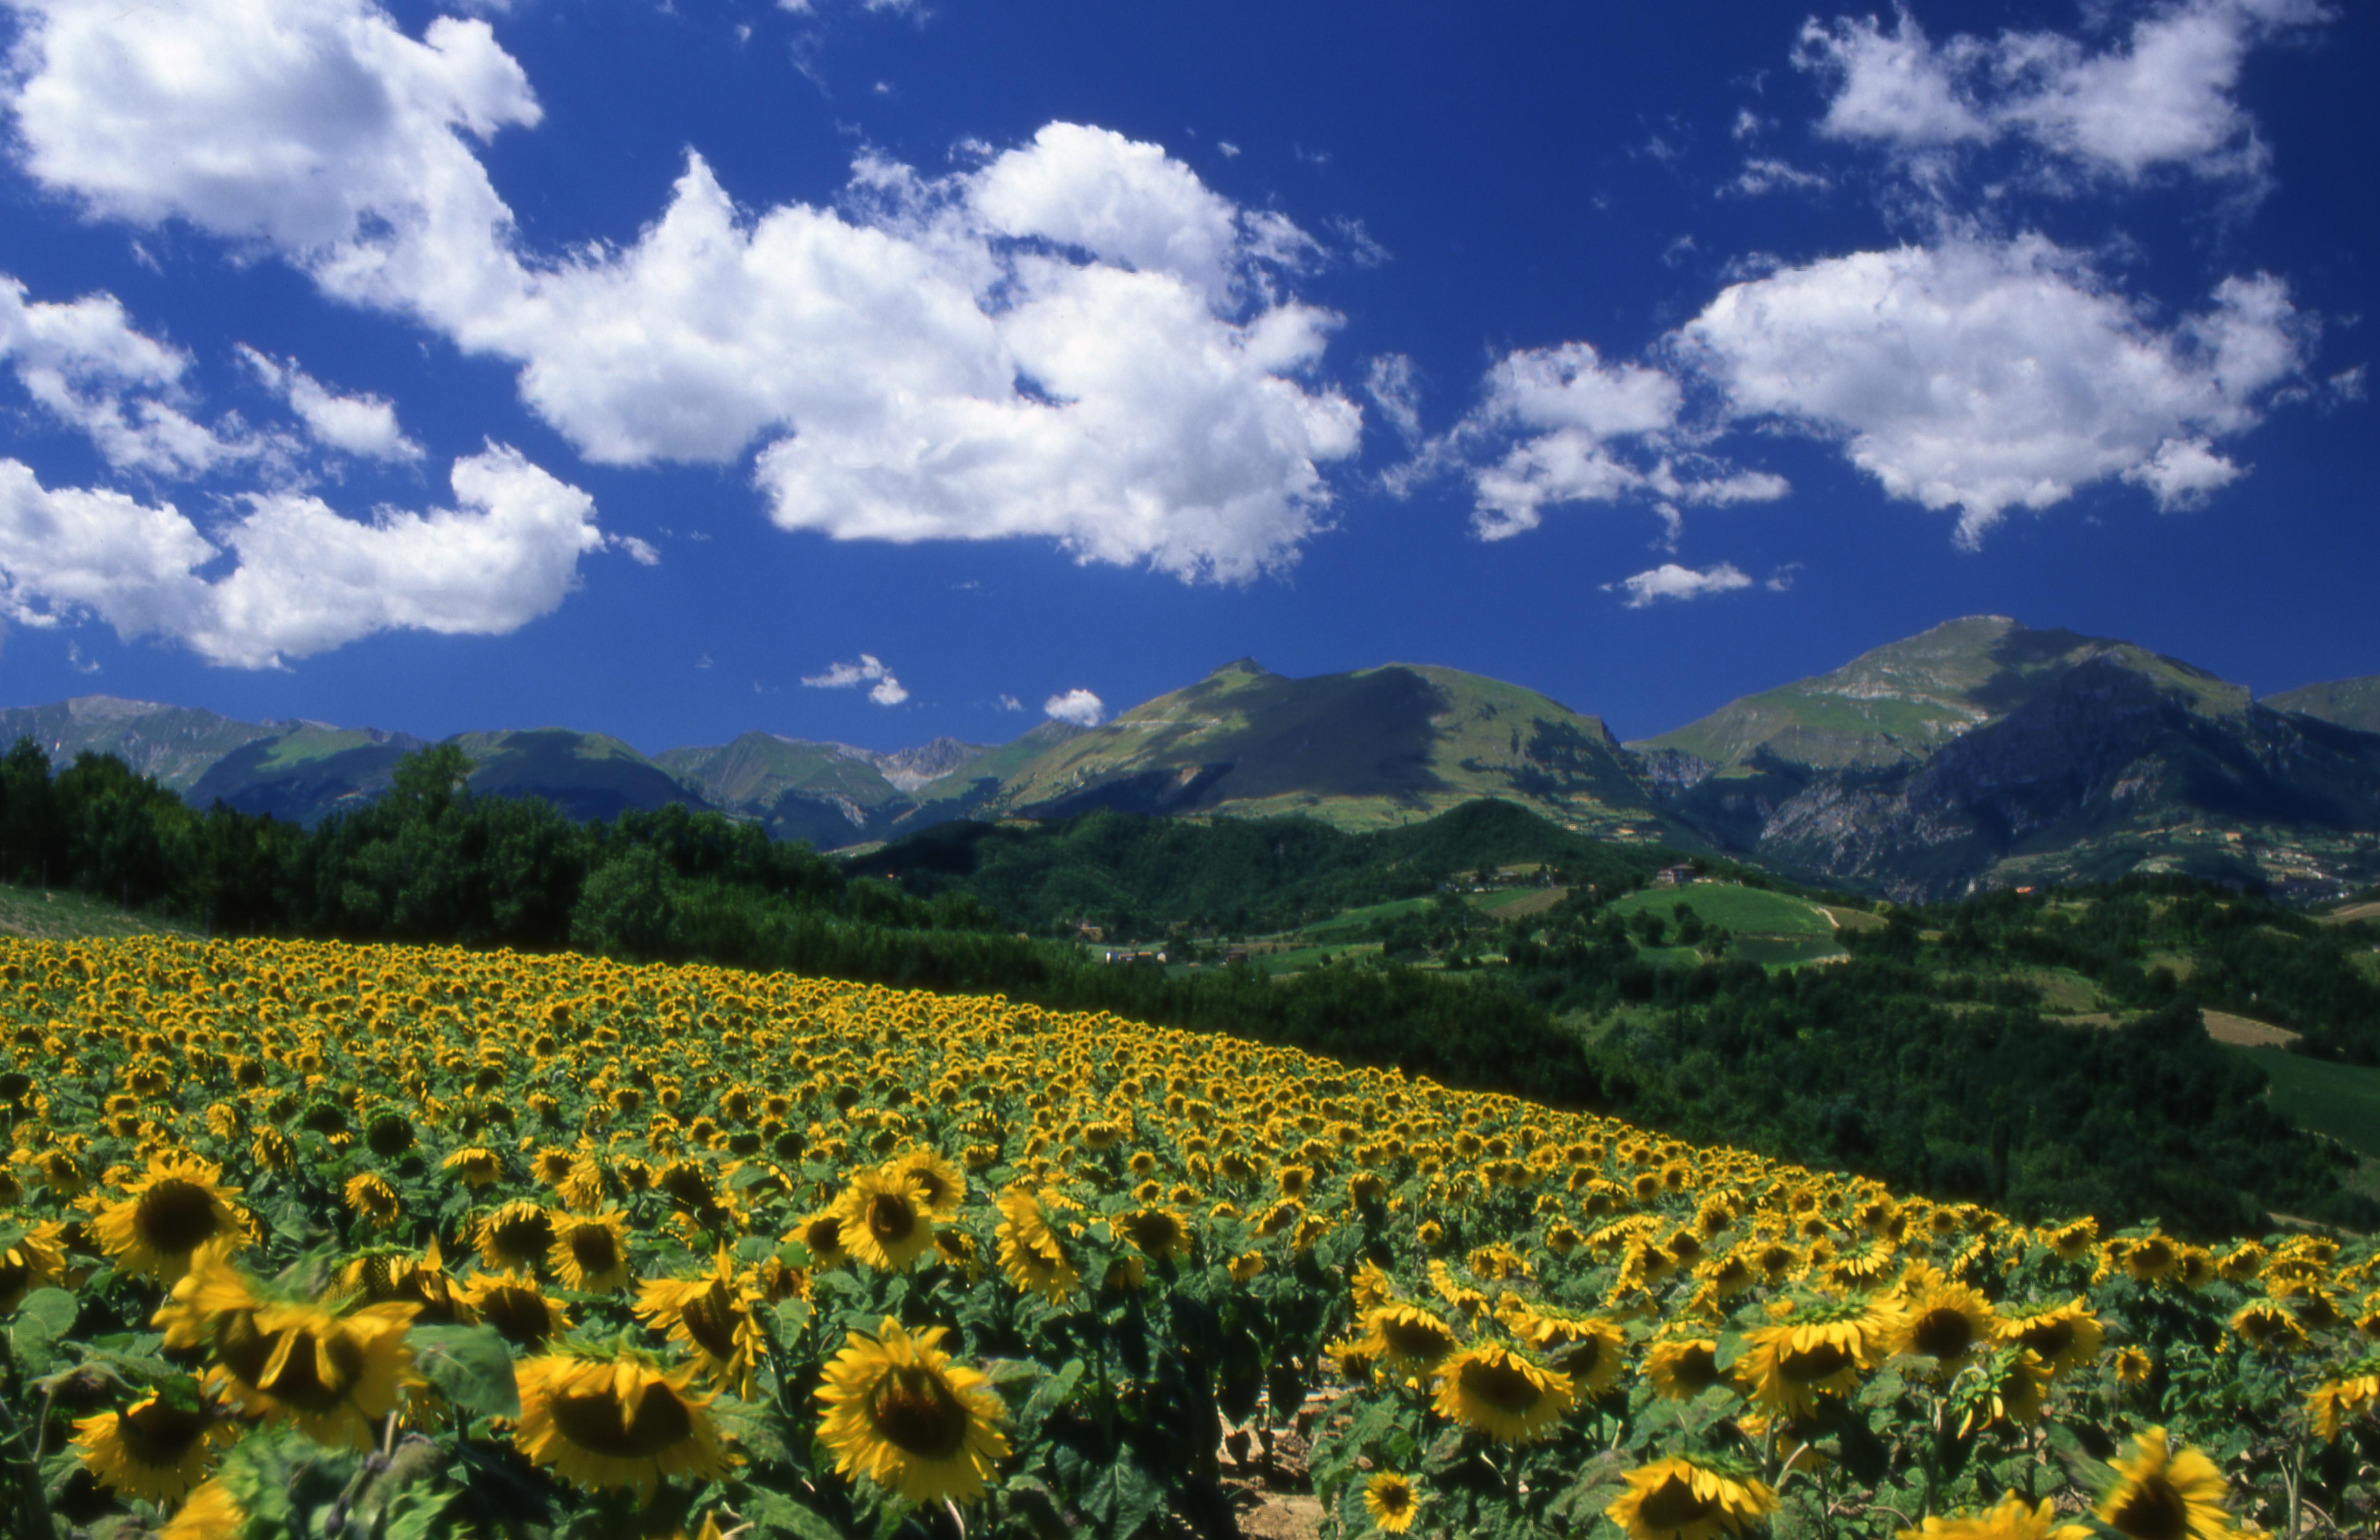 Parco Nazionale dei Monti Sibillini - Foto © Giorgio Tassi